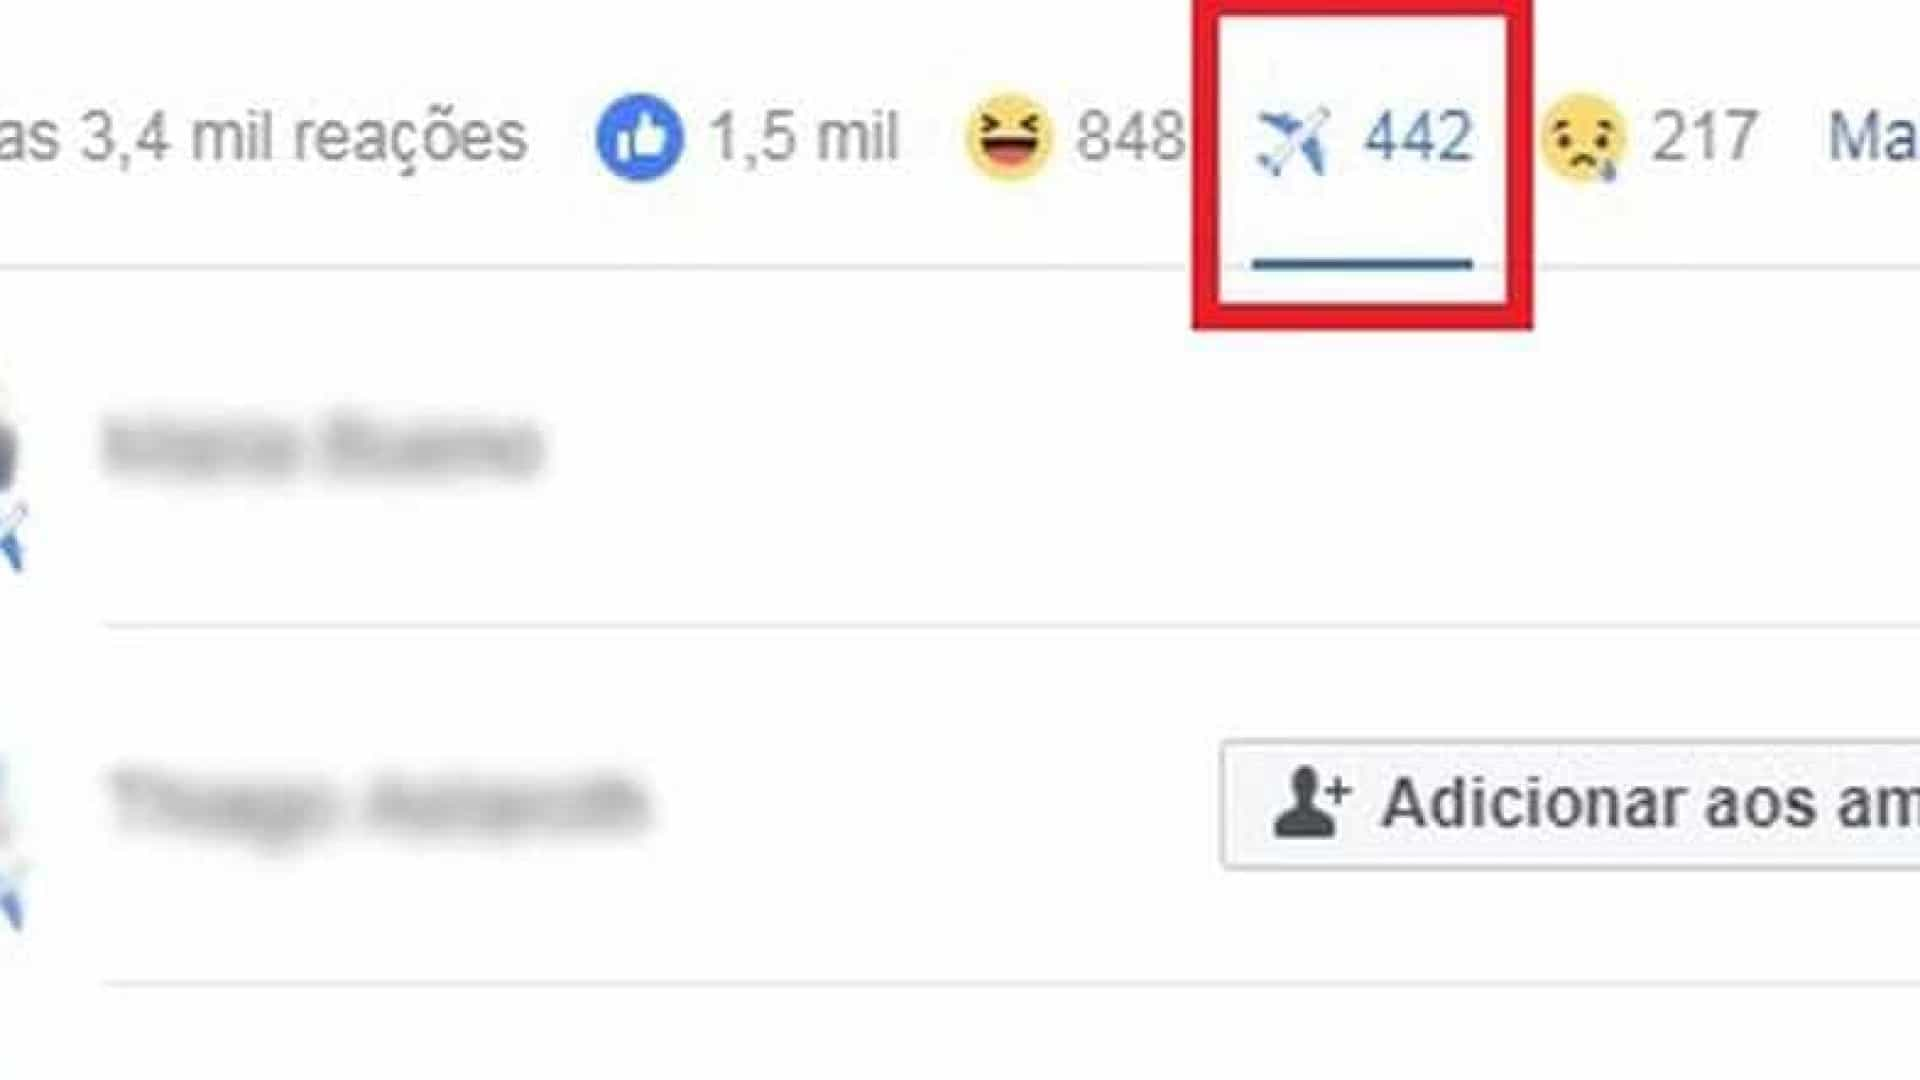 Como reagir com avião no Facebook? Bug cria reação inédita